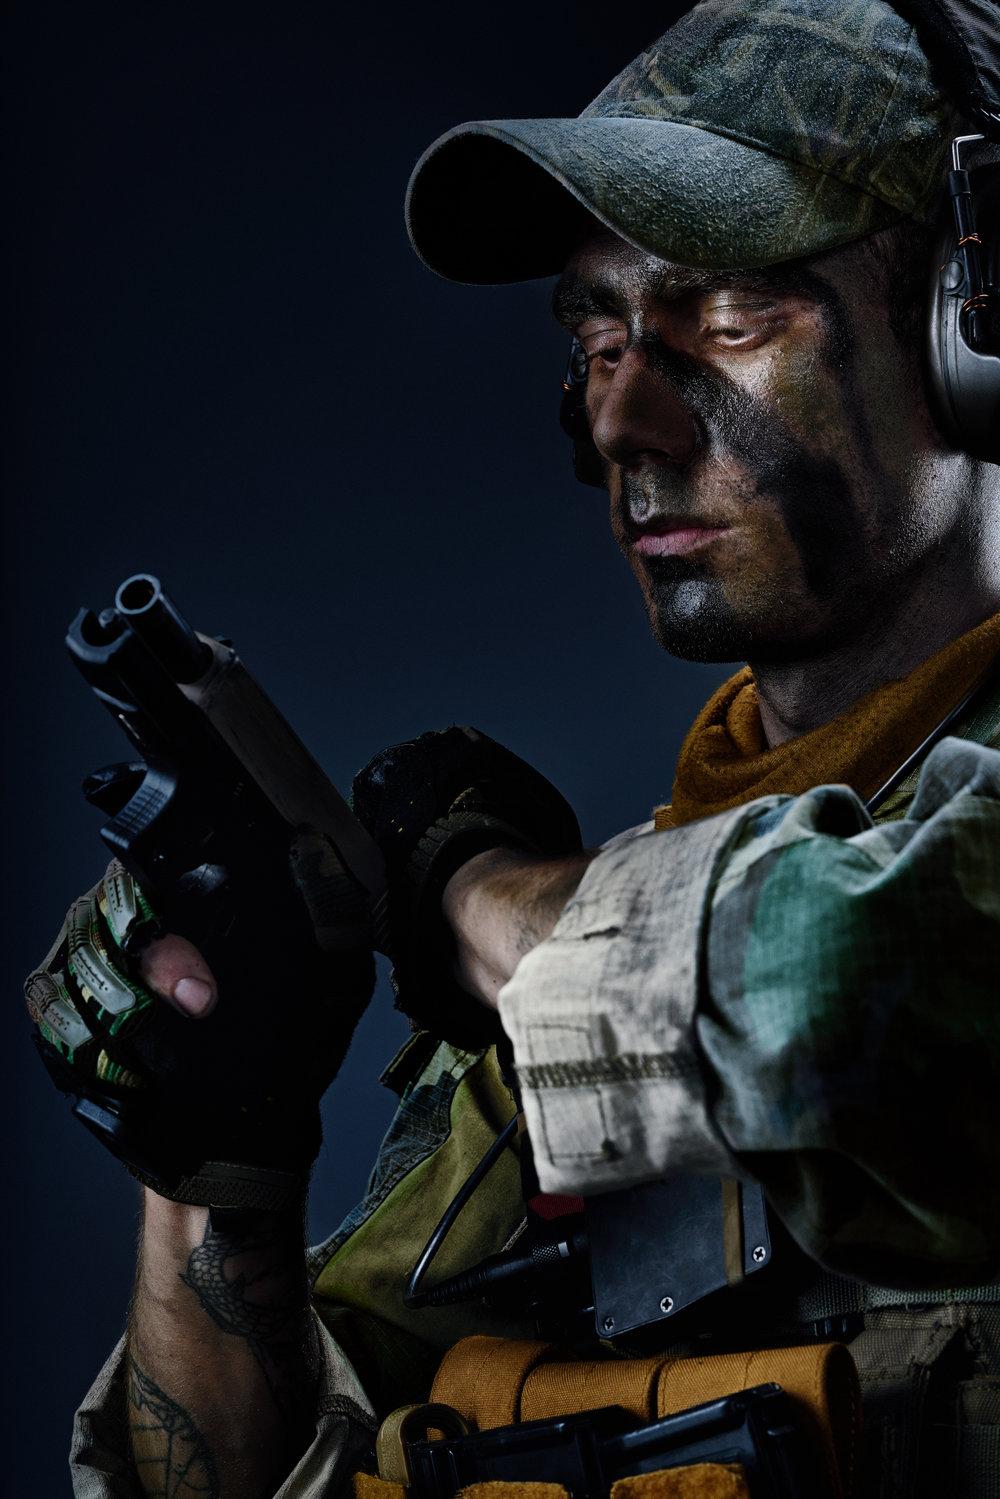 Soldier_1123.jpg